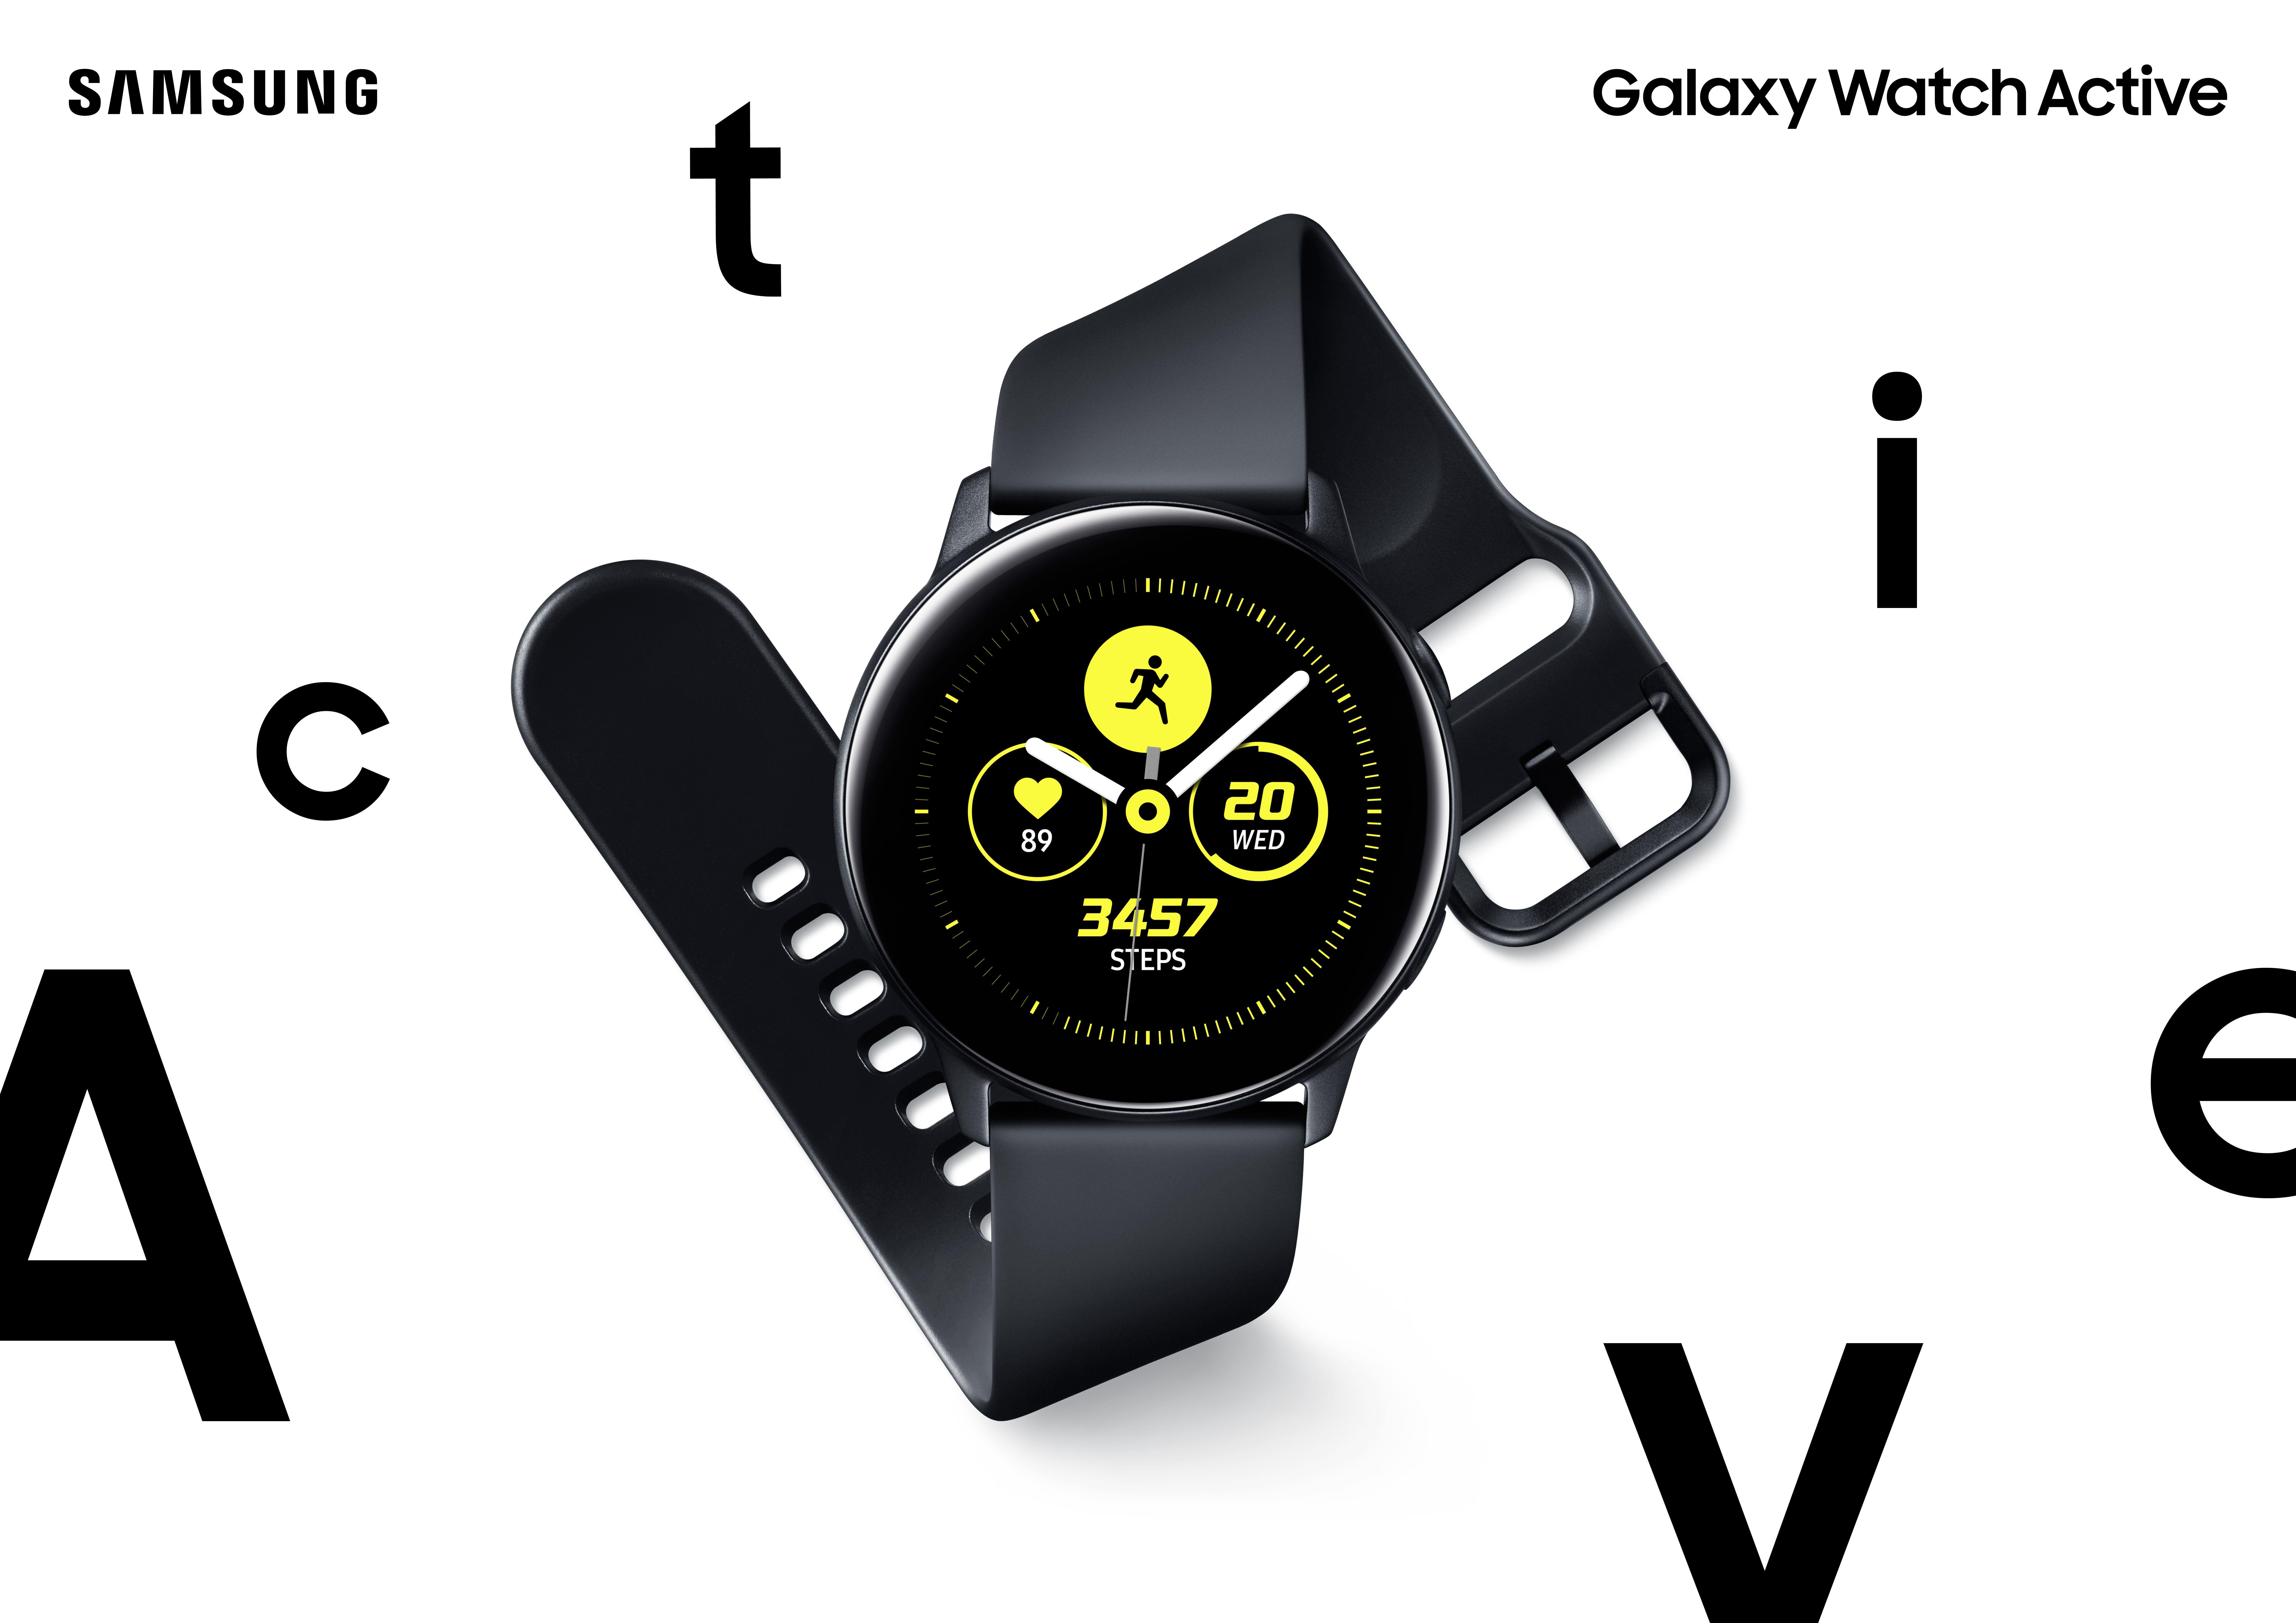 acbab2079c68 Galaxy Watch Active dokážu sledovať všetky dôležité aspekty vášho života.  Vďaka funkciám pre sledovanie fyzických aktivít